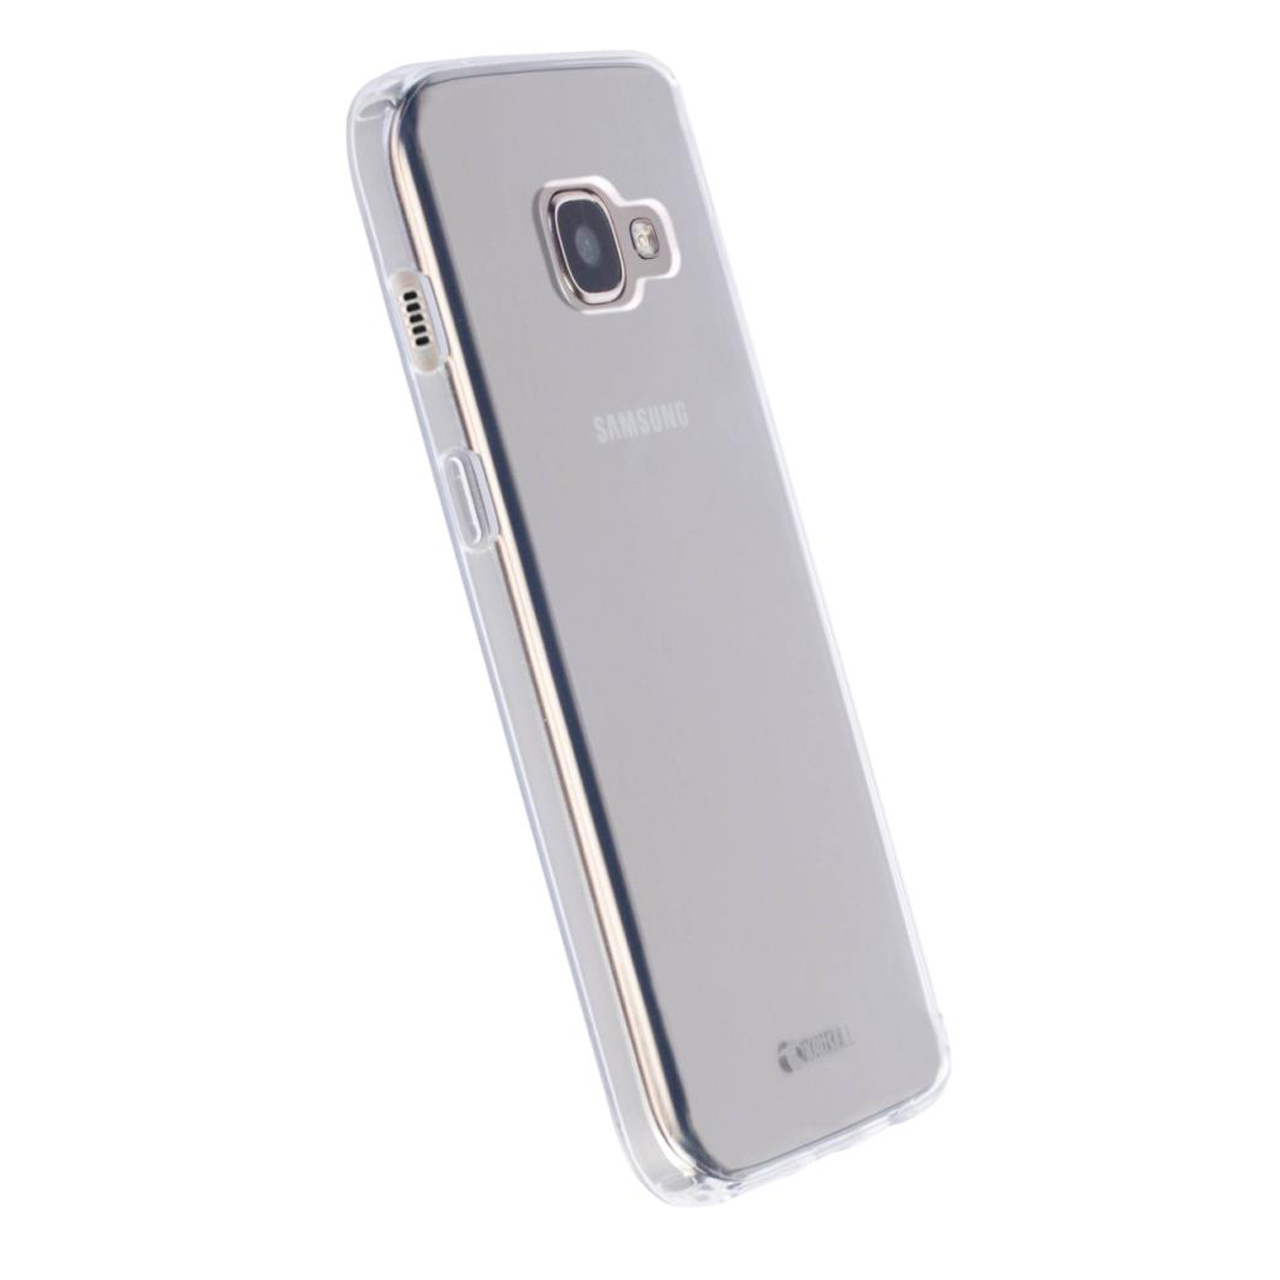 کاور مدل کوتیکس مناسب برای گوشی موبایل سامسونگ A3 2017              ( قیمت و خرید)